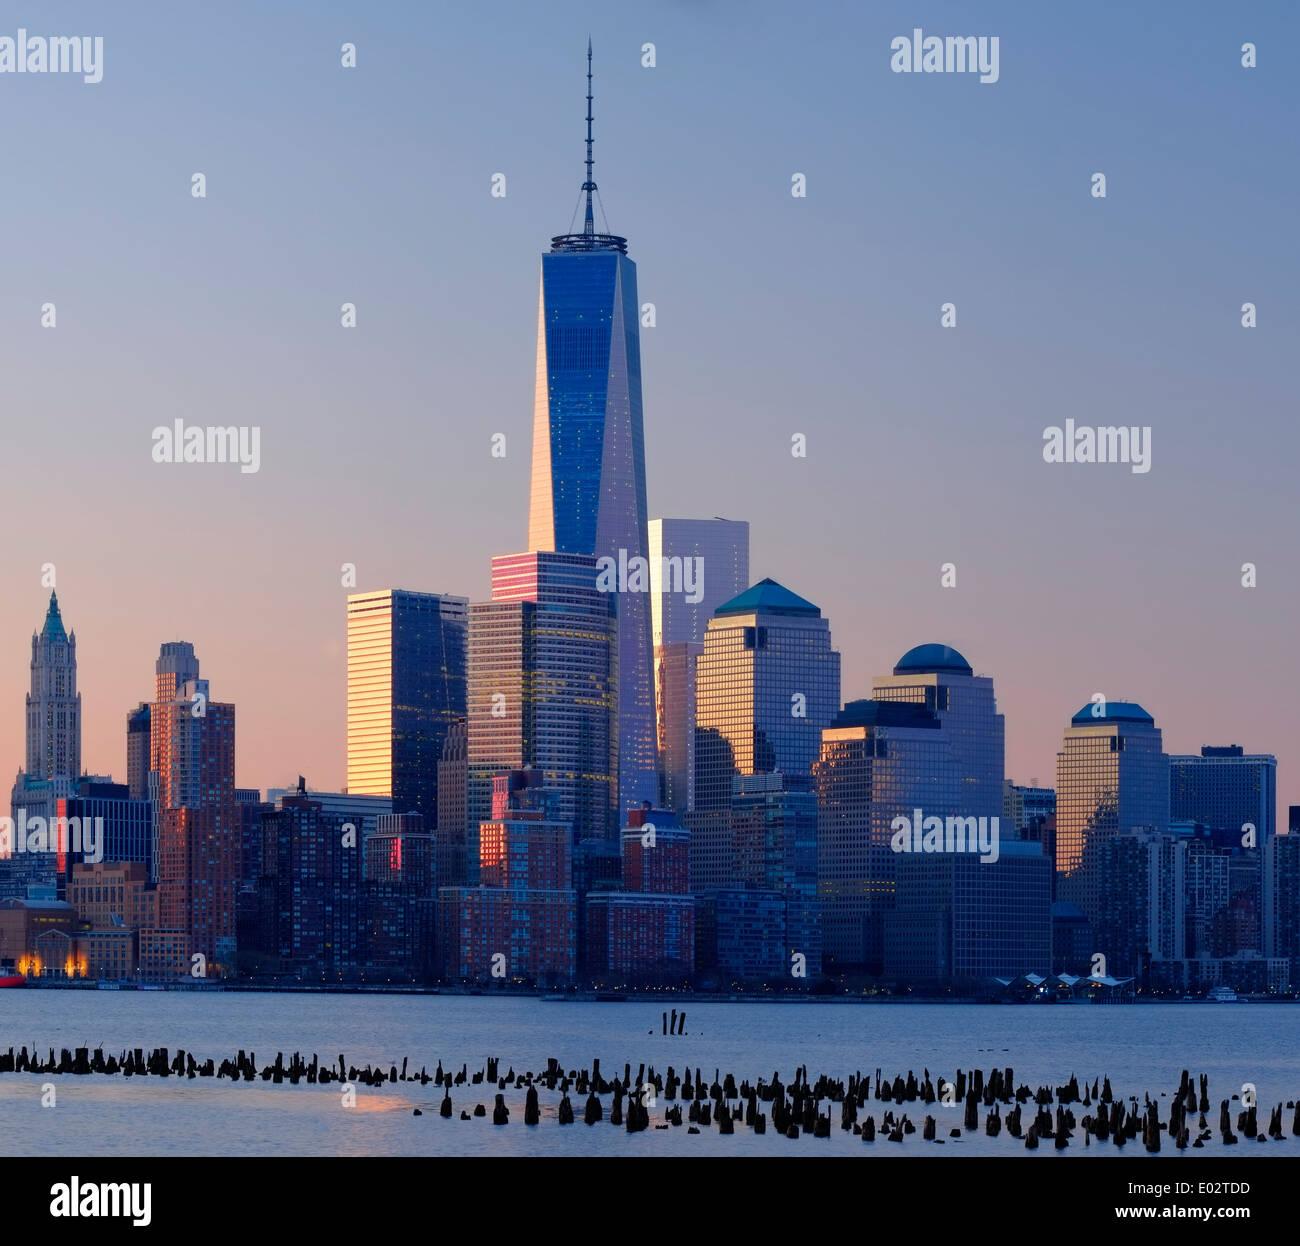 Skyline von New York gesehen über den Hudson River, New York, USA Stockbild